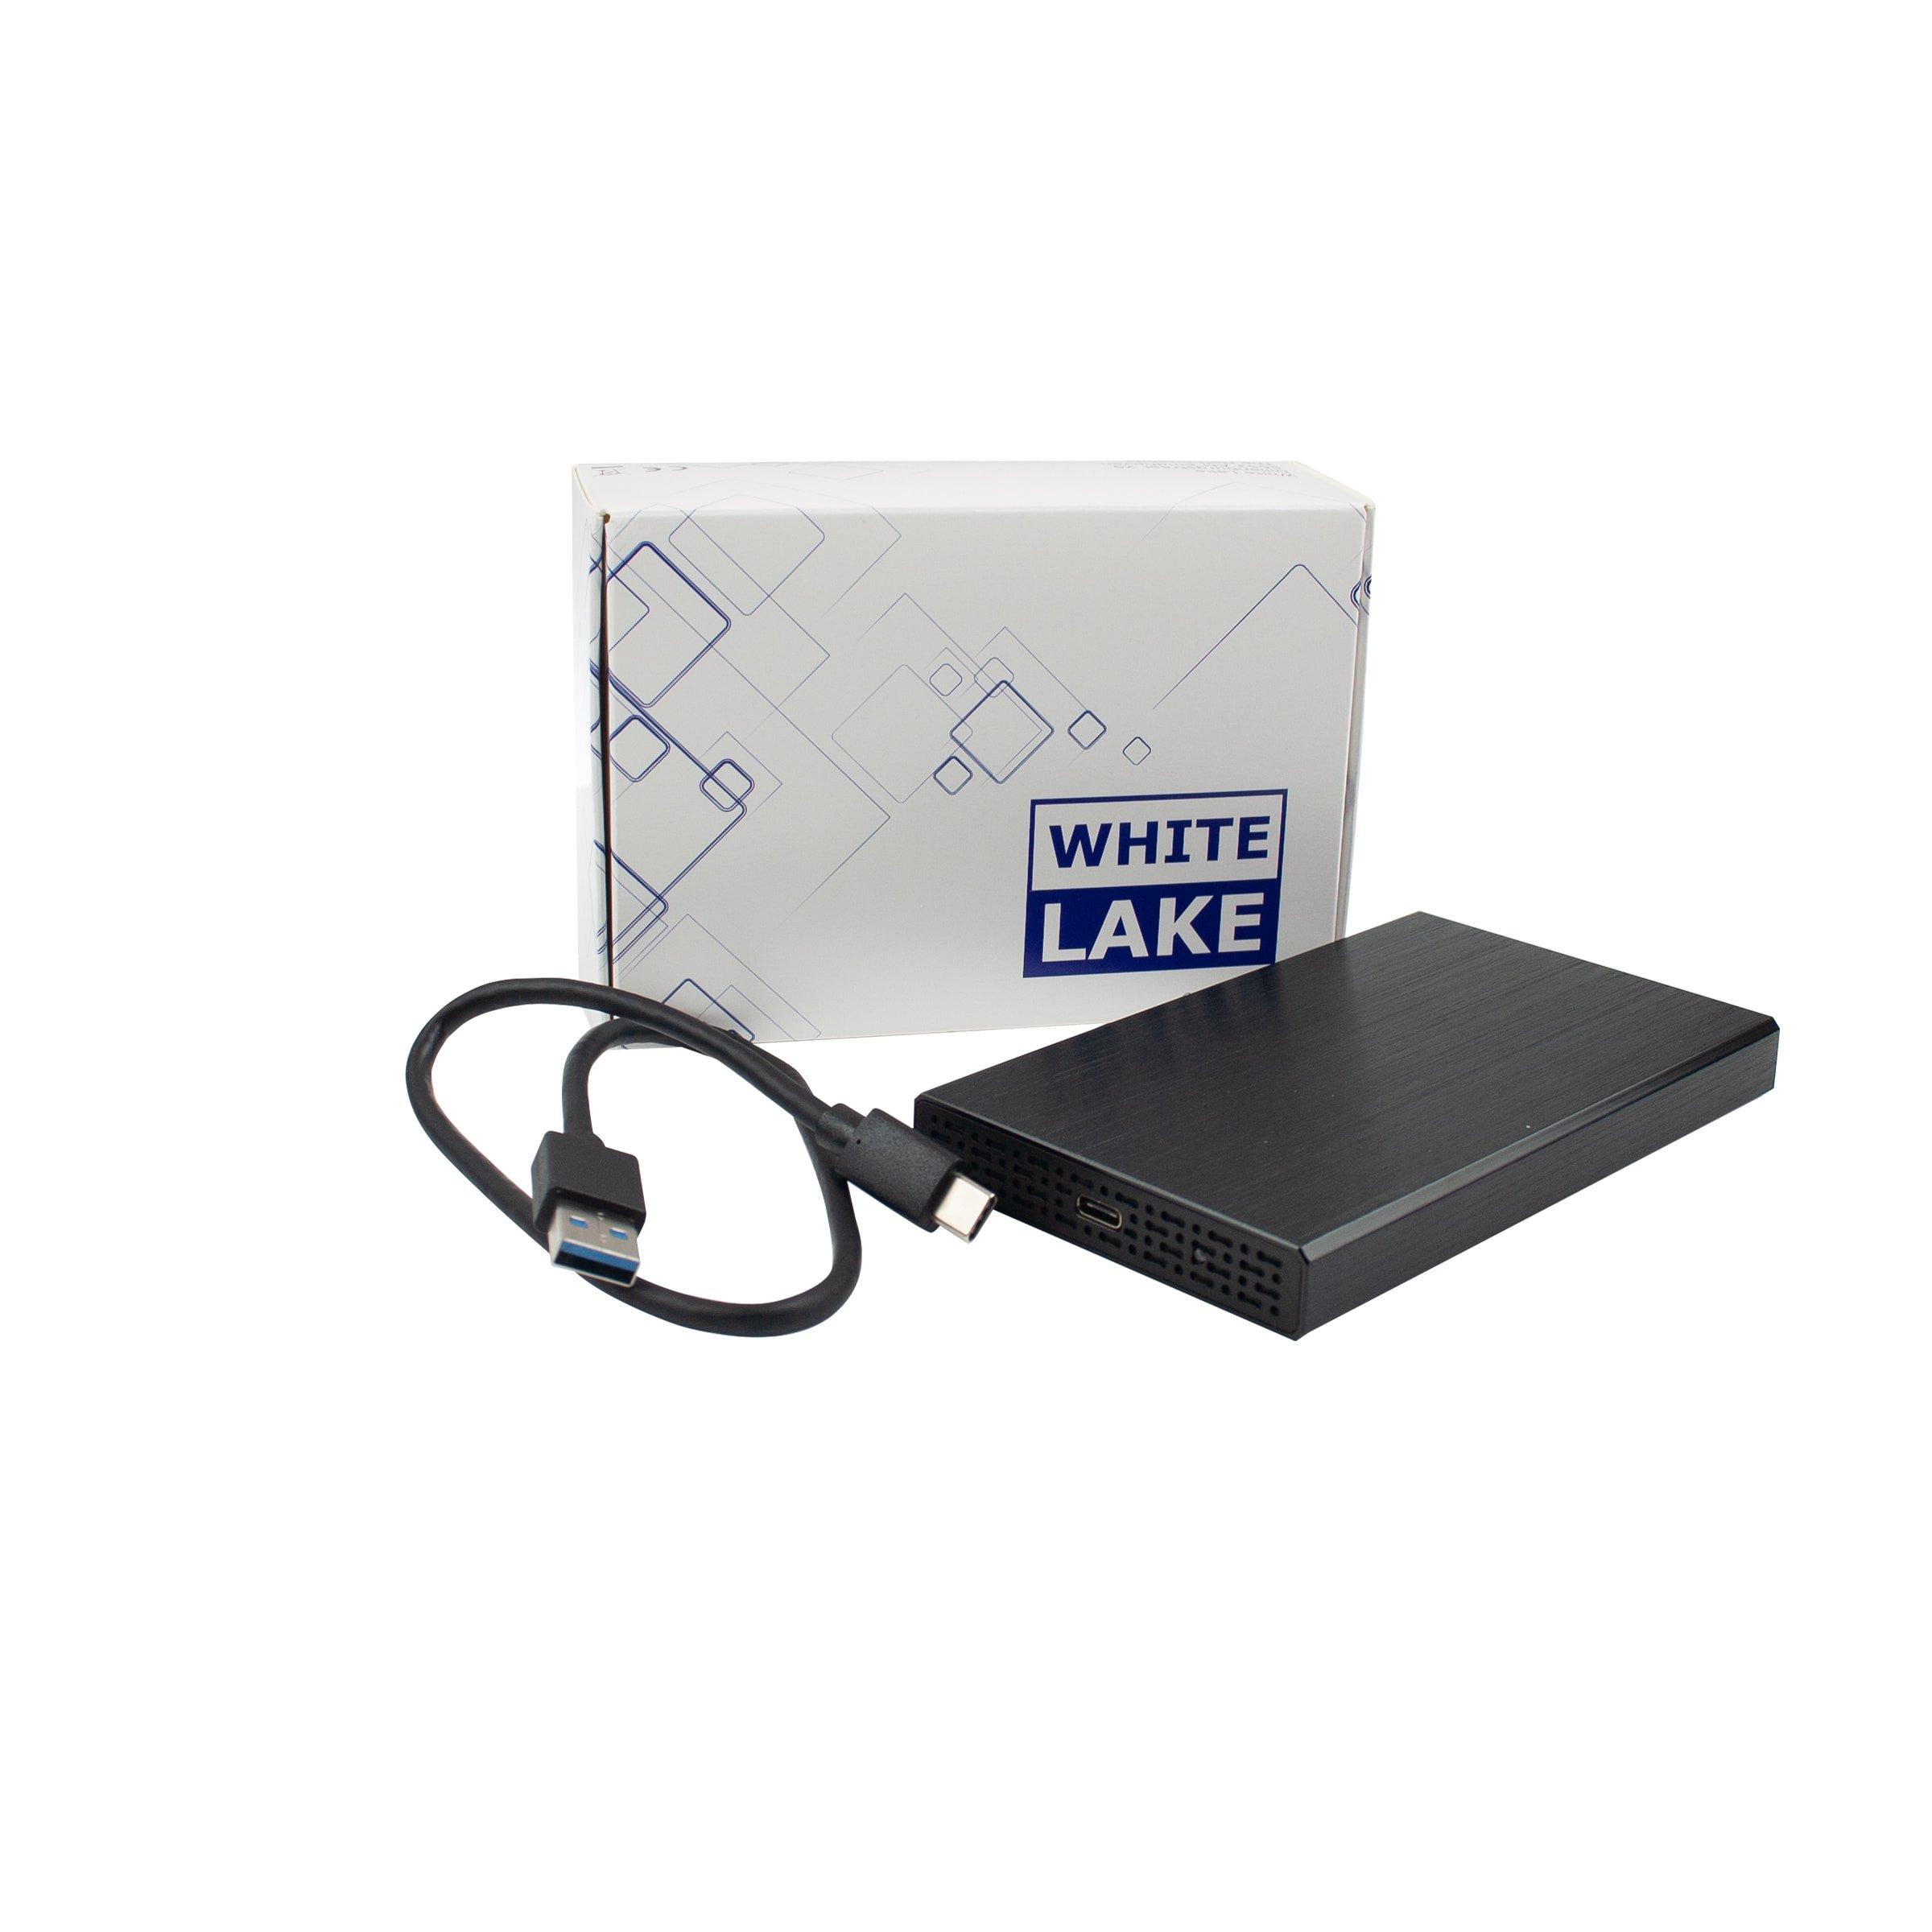 DN White Lake Pro External SSD 240 GB